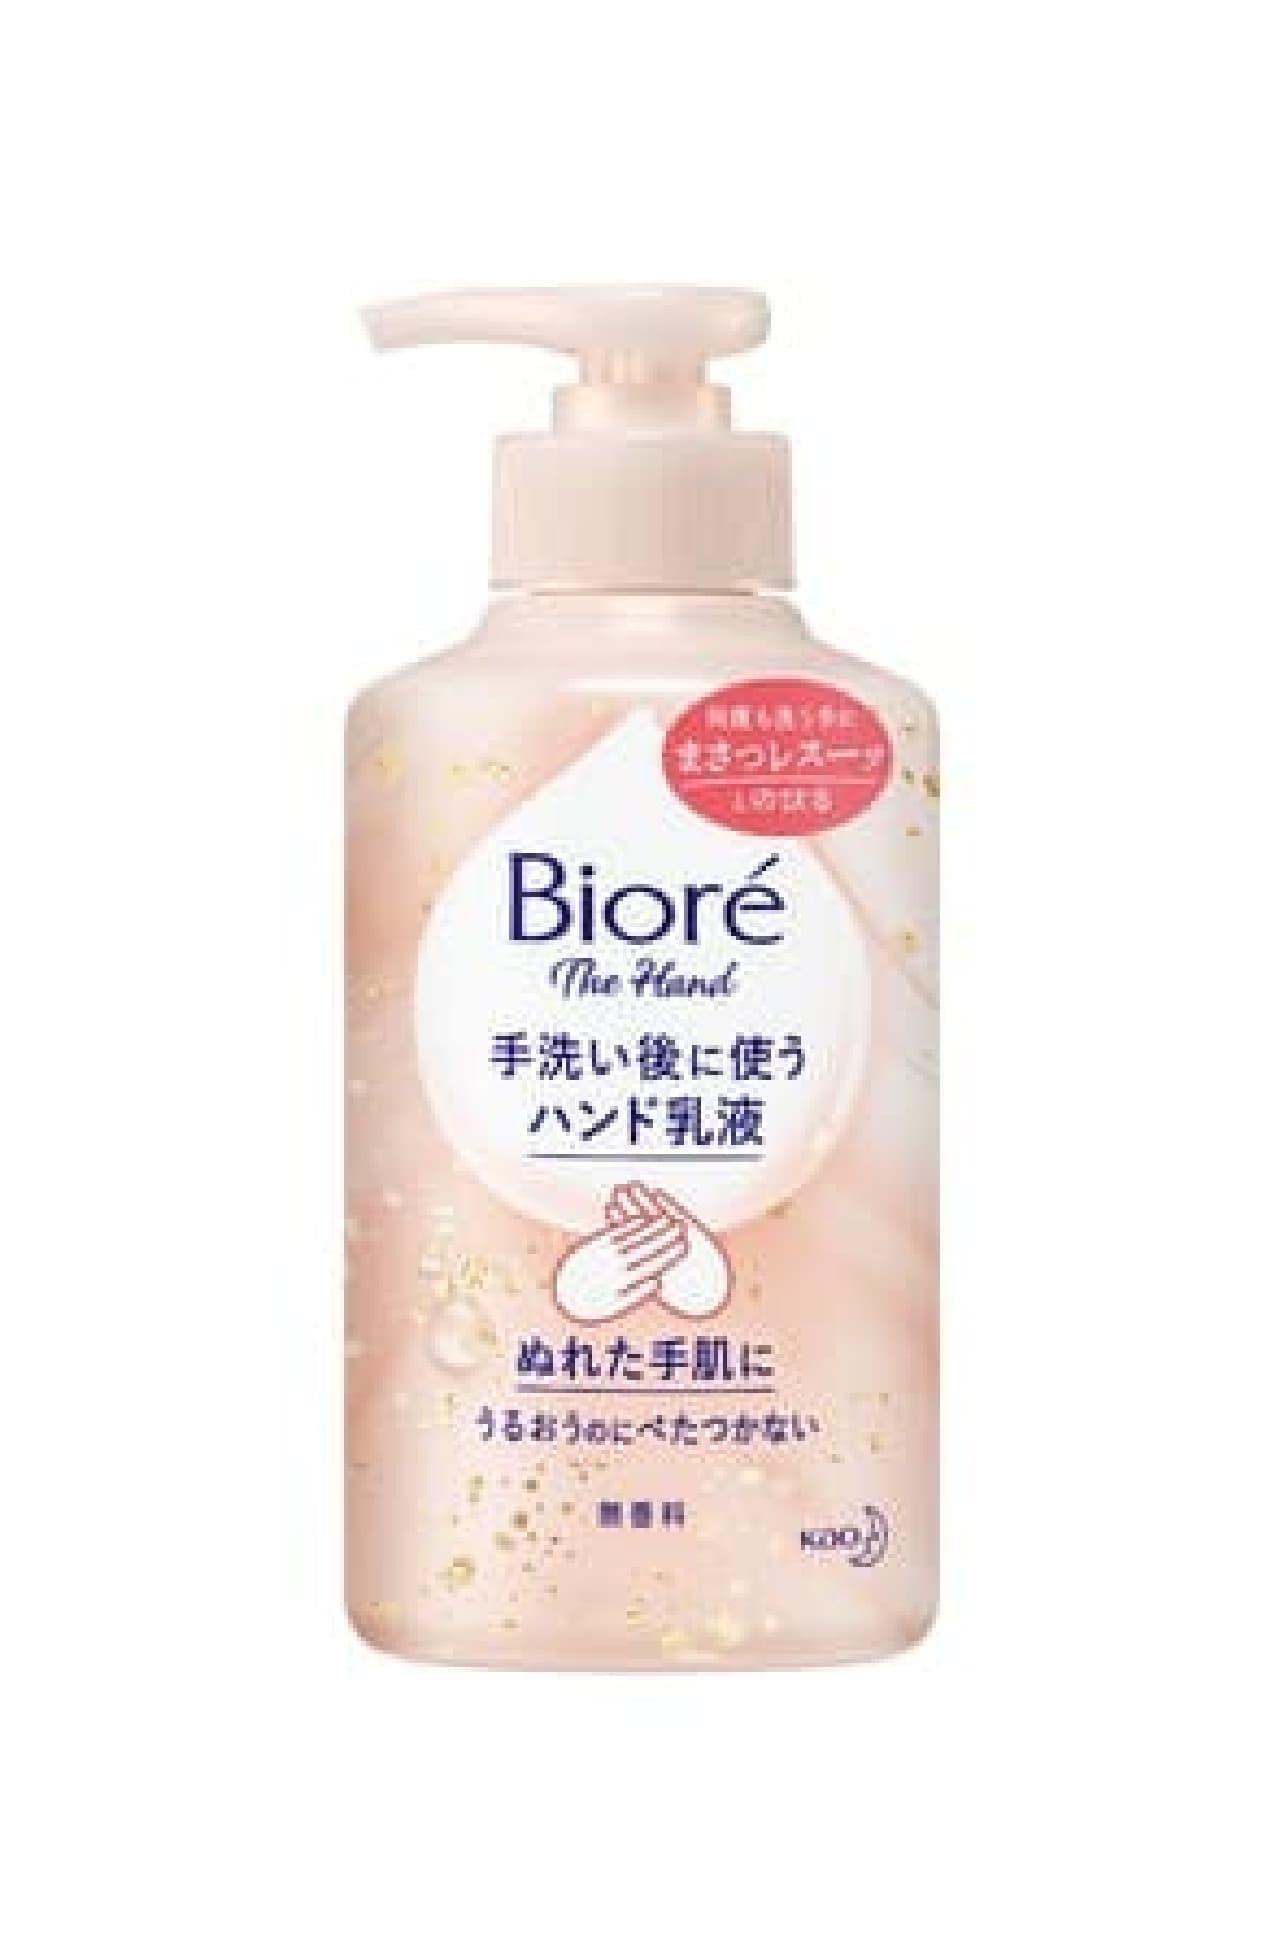 「ビオレガード 薬用泡で出る消毒液」登場 -- 泡ハンドソープ・ハンド乳液の新商品も